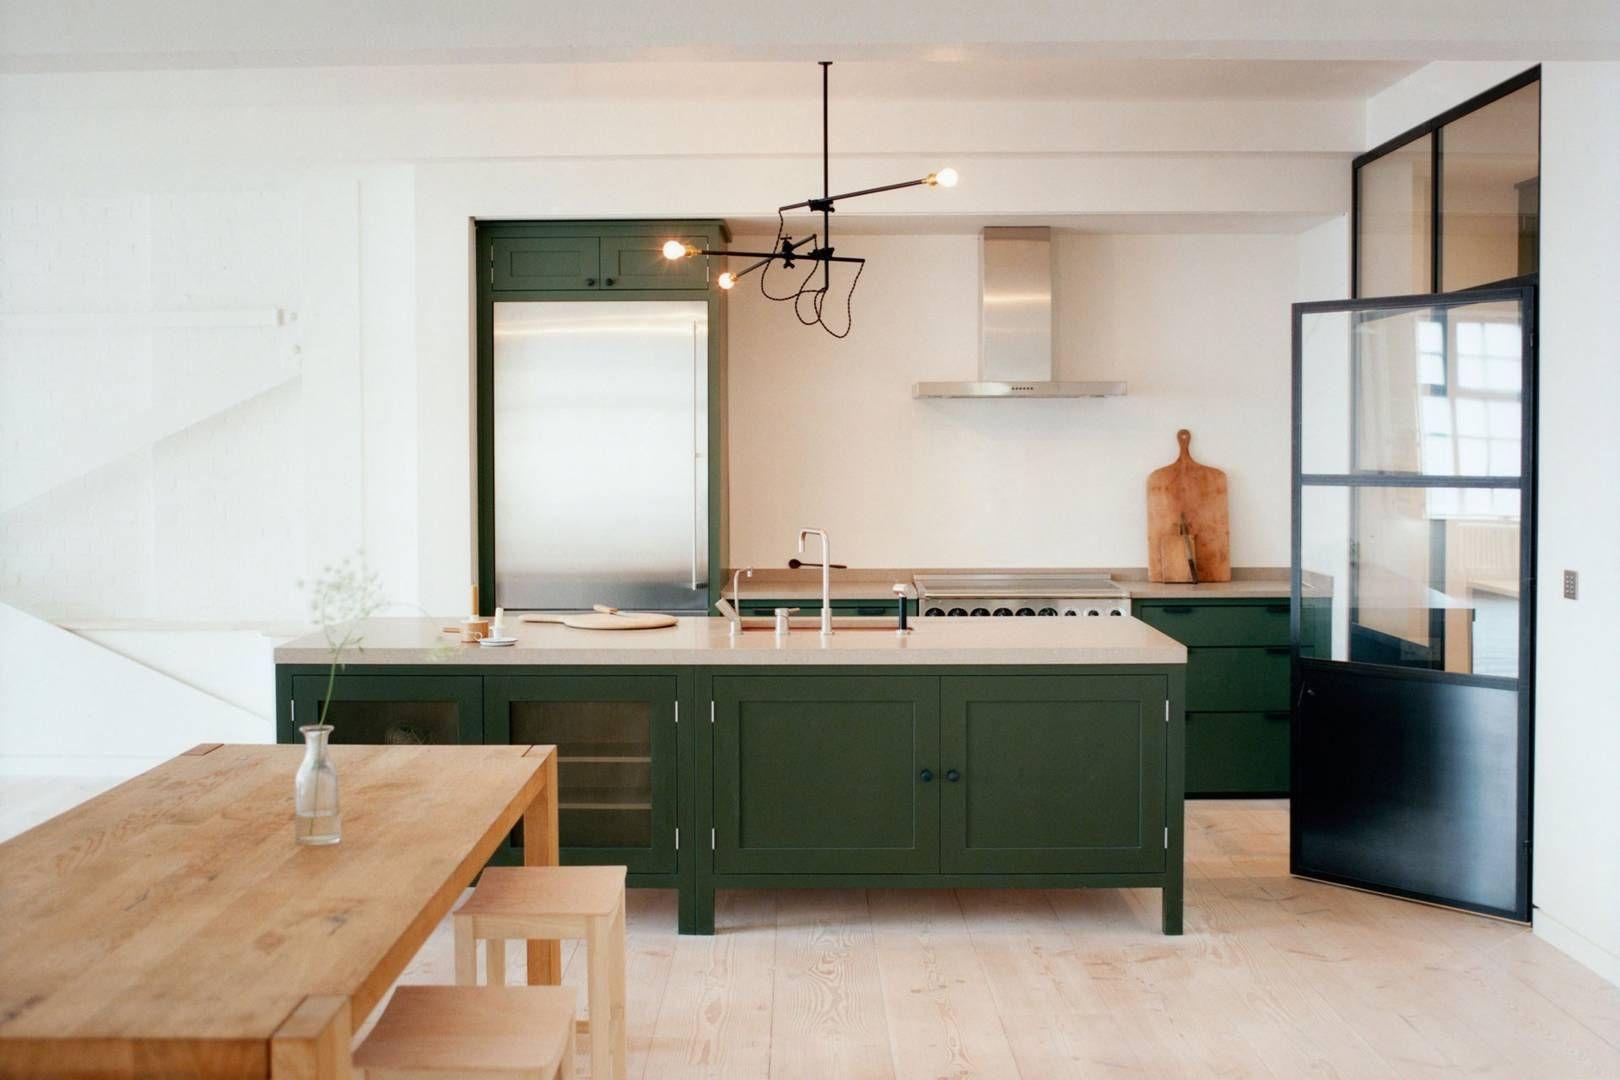 design ideas for colourful kitchens  dark green kitchen